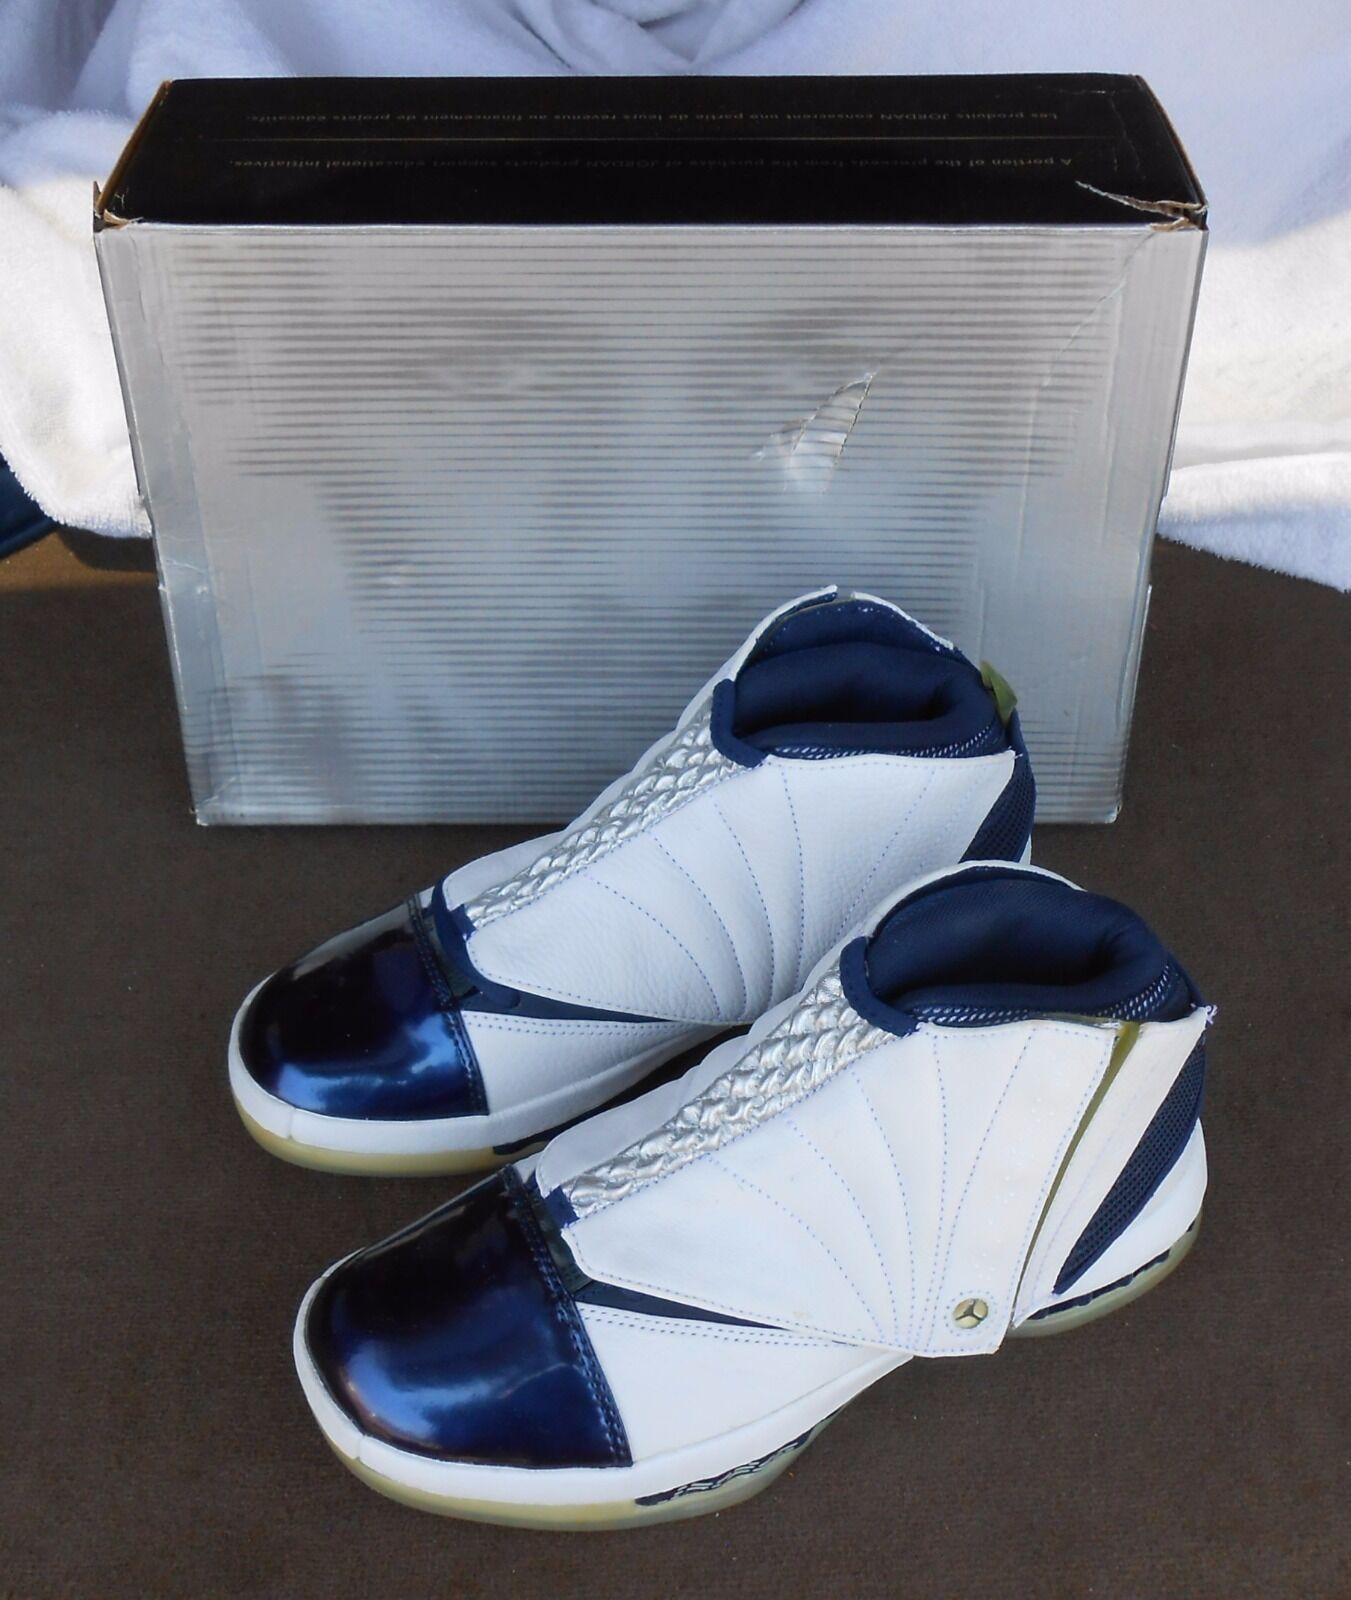 1990 Nike Nike 1990 Air Jordan VXI tamaño 7,5 Blanco / Midnight Navy zapatillas de baloncesto New & caja estacionales de recortes de precios, beneficios de descuentos ee6a05